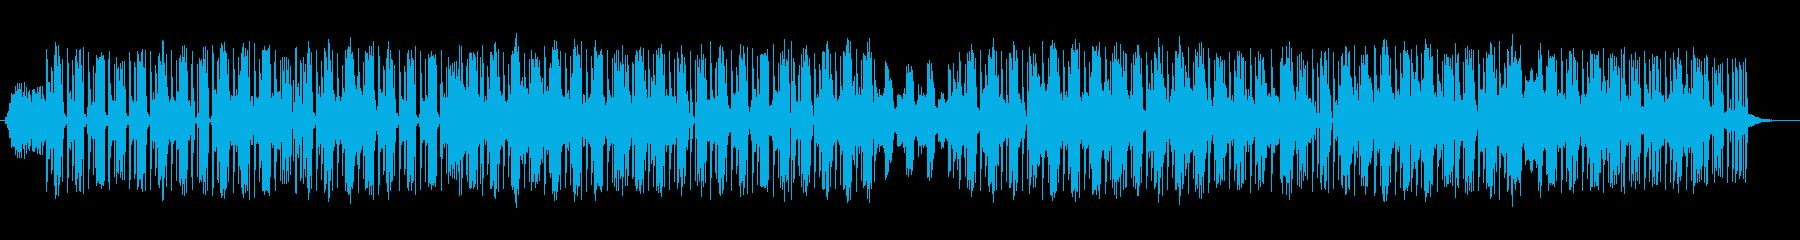 疾走感のあるヒップホップの再生済みの波形